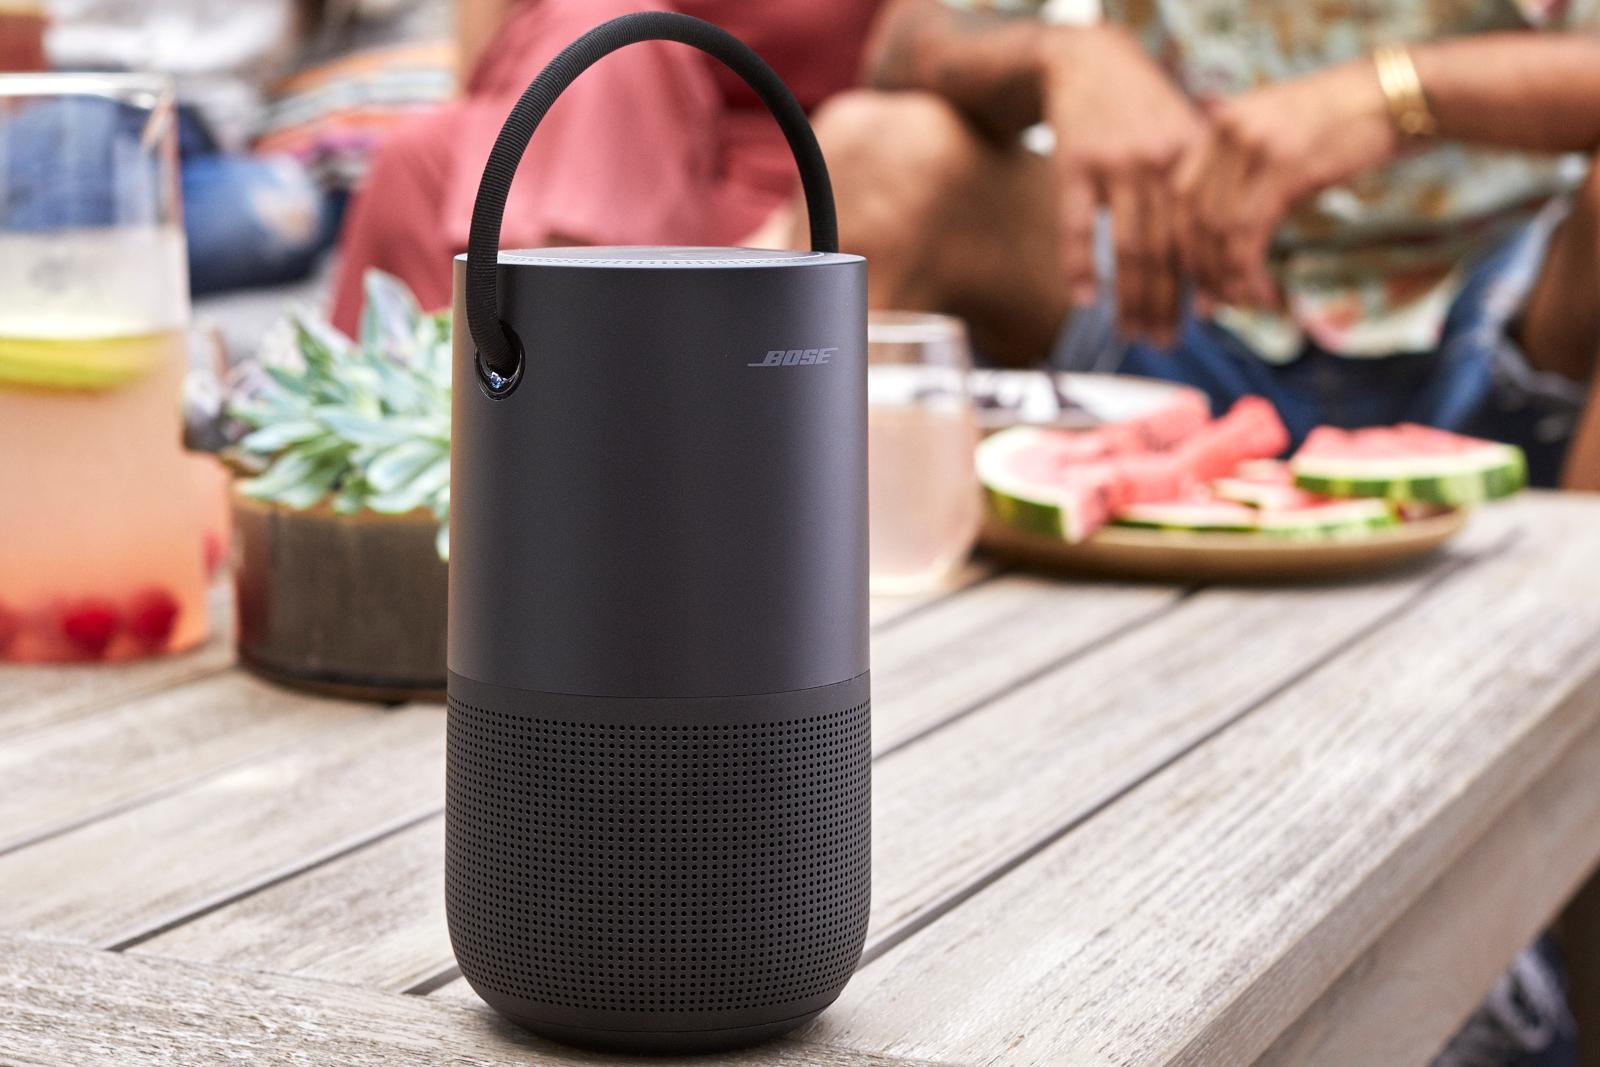 A Bose anuncia novo alto-falante doméstico portátil com Google Assistant, Alexa e AirPlay 2 Apoio, suporte